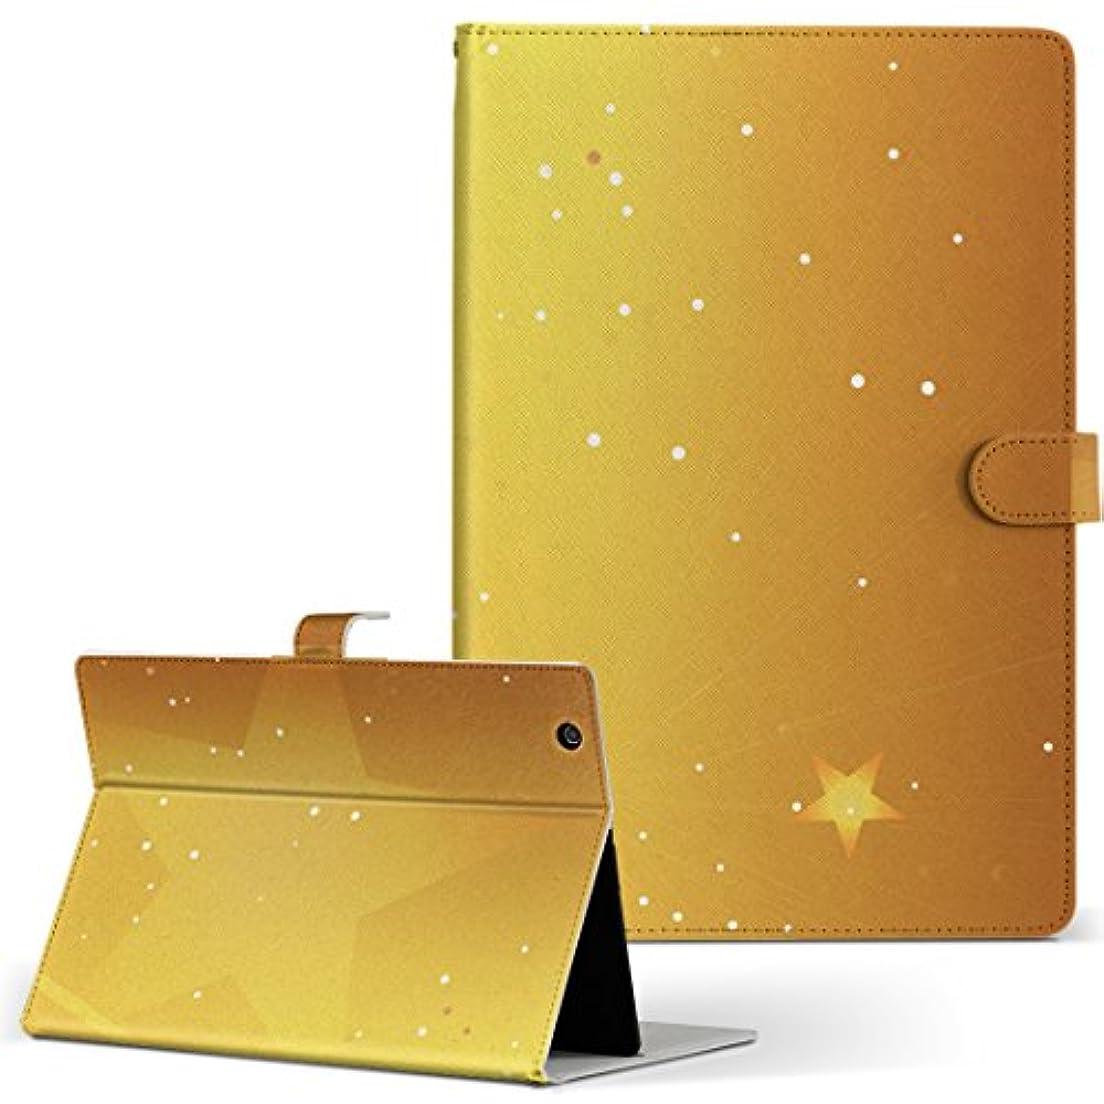 かわす提出する喜ぶigcase d-01K Huawei ファーウェイ dtab ディータブ タブレット 手帳型 タブレットケース タブレットカバー カバー レザー ケース 手帳タイプ フリップ ダイアリー 二つ折り 直接貼り付けタイプ 001967 クール 星 シンプル 黄色